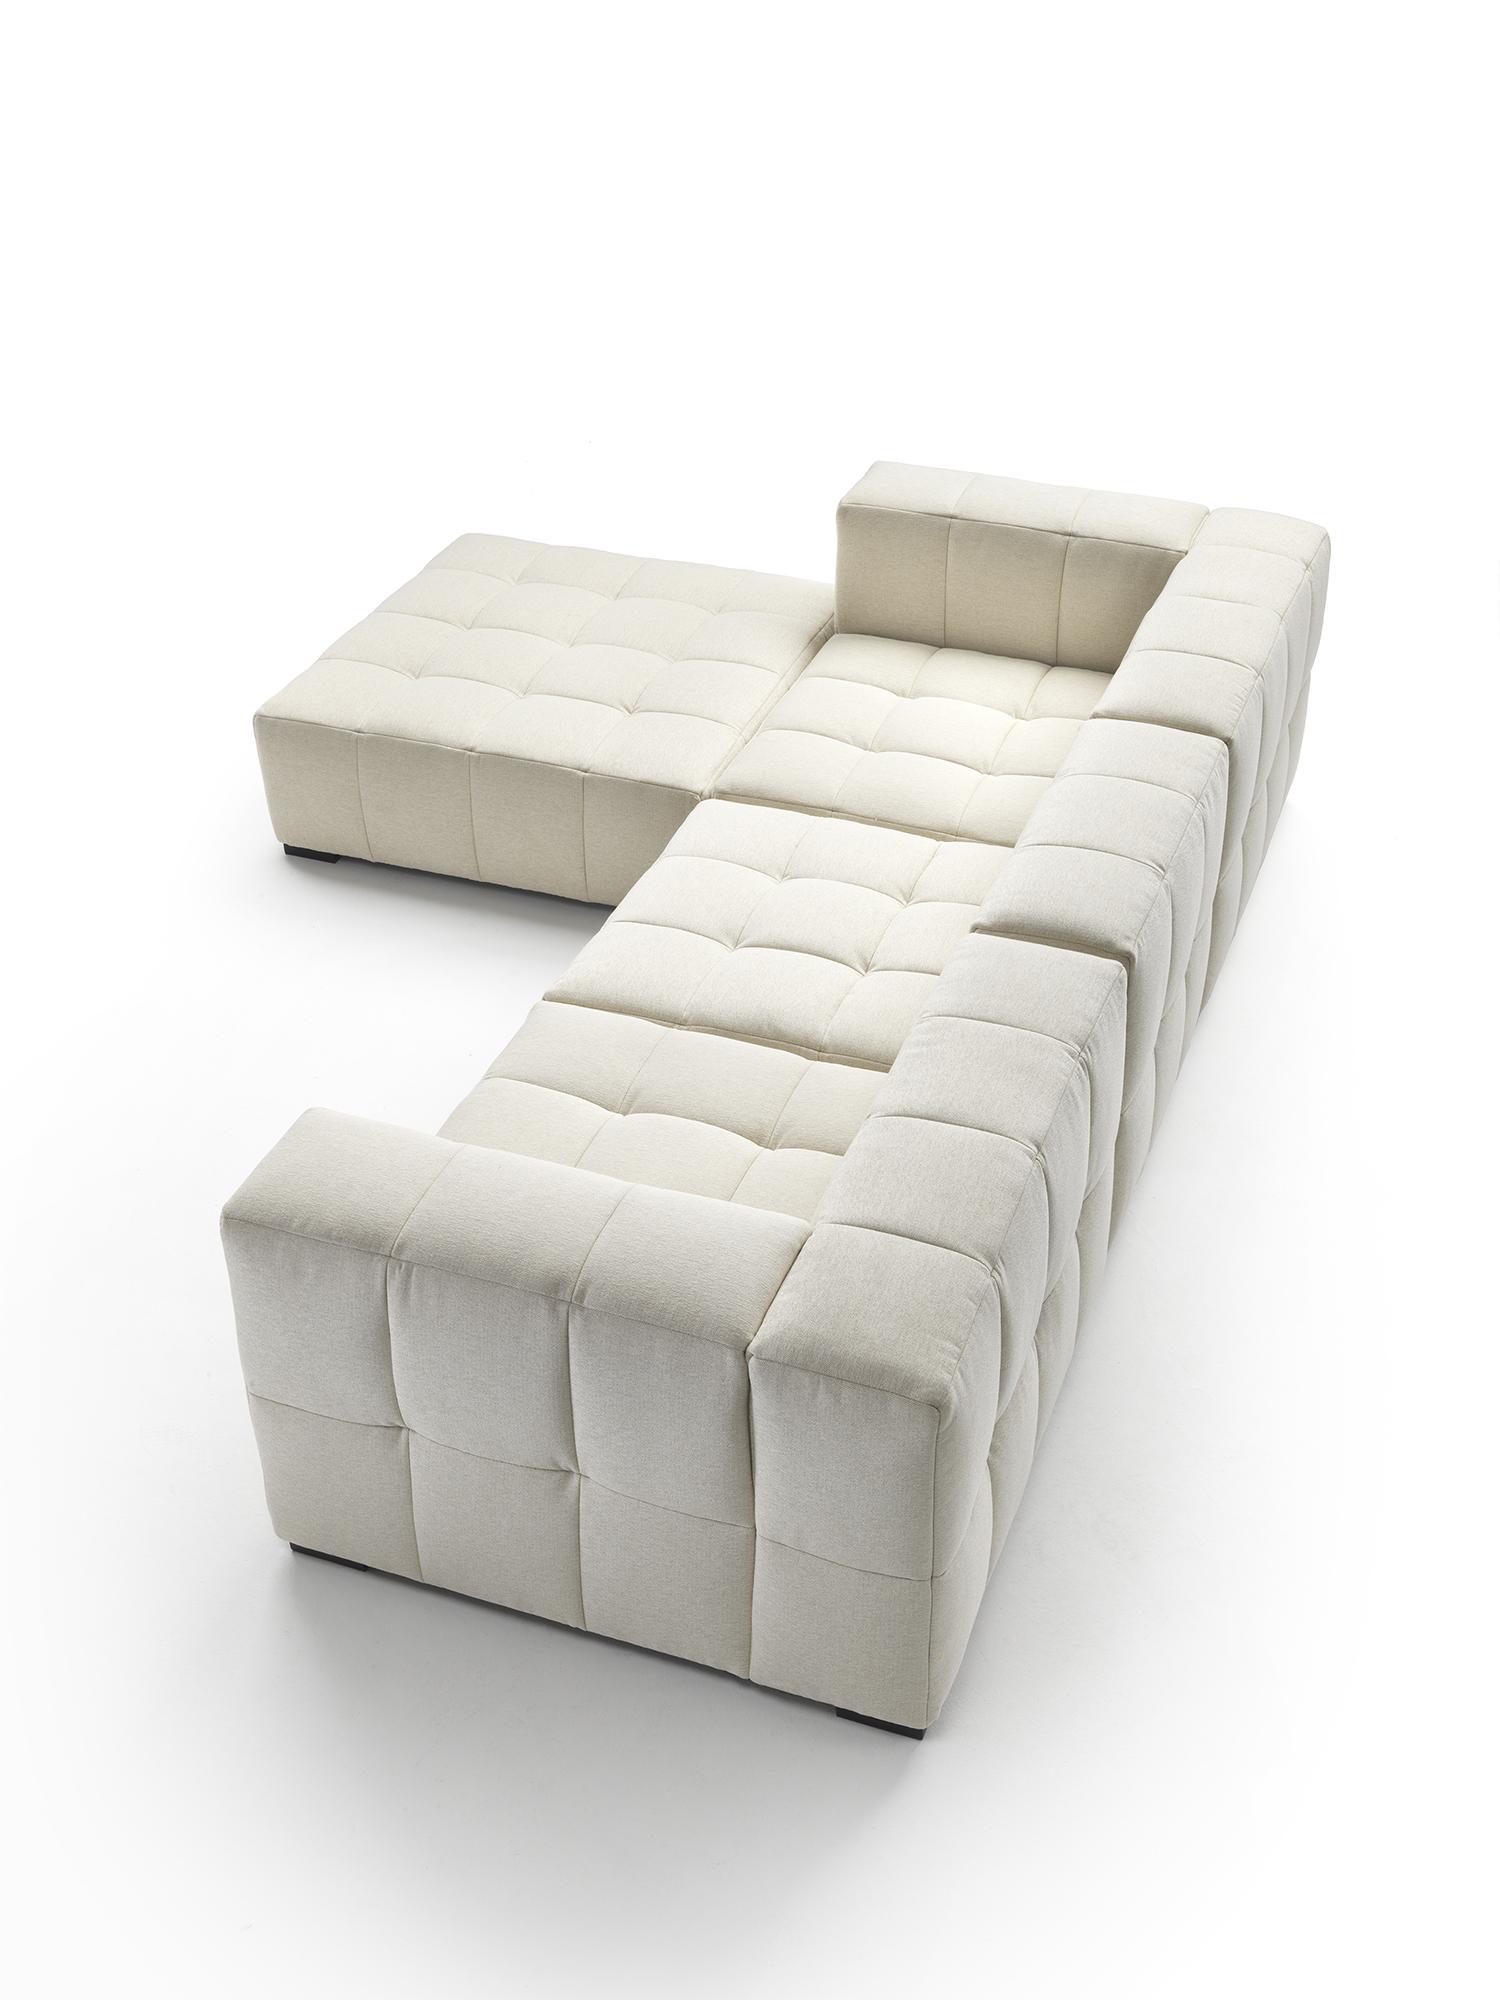 Модульный диван ANDY LUXURYSOFAS